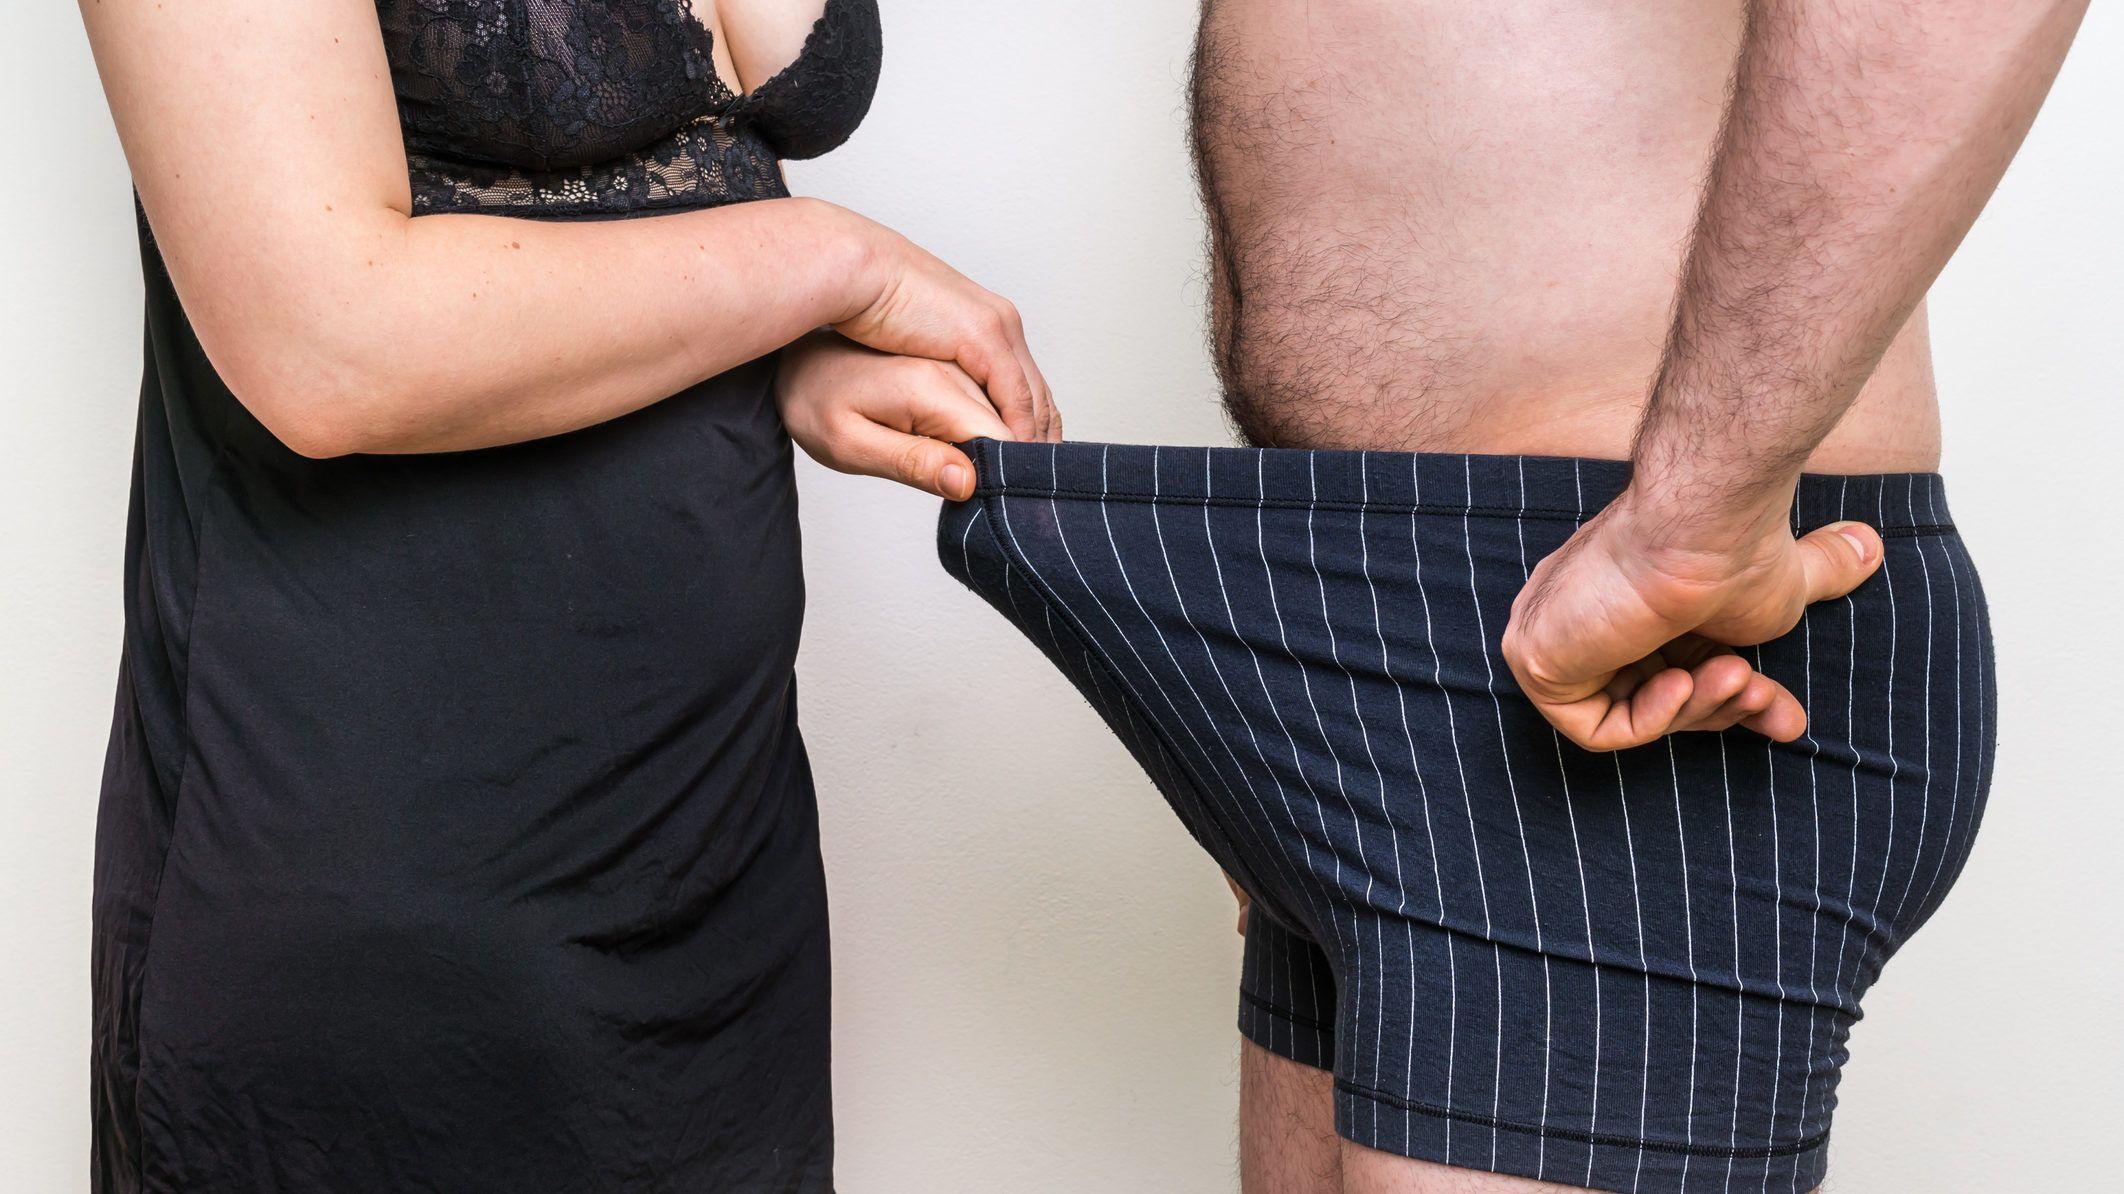 péniszek típusai és méretei